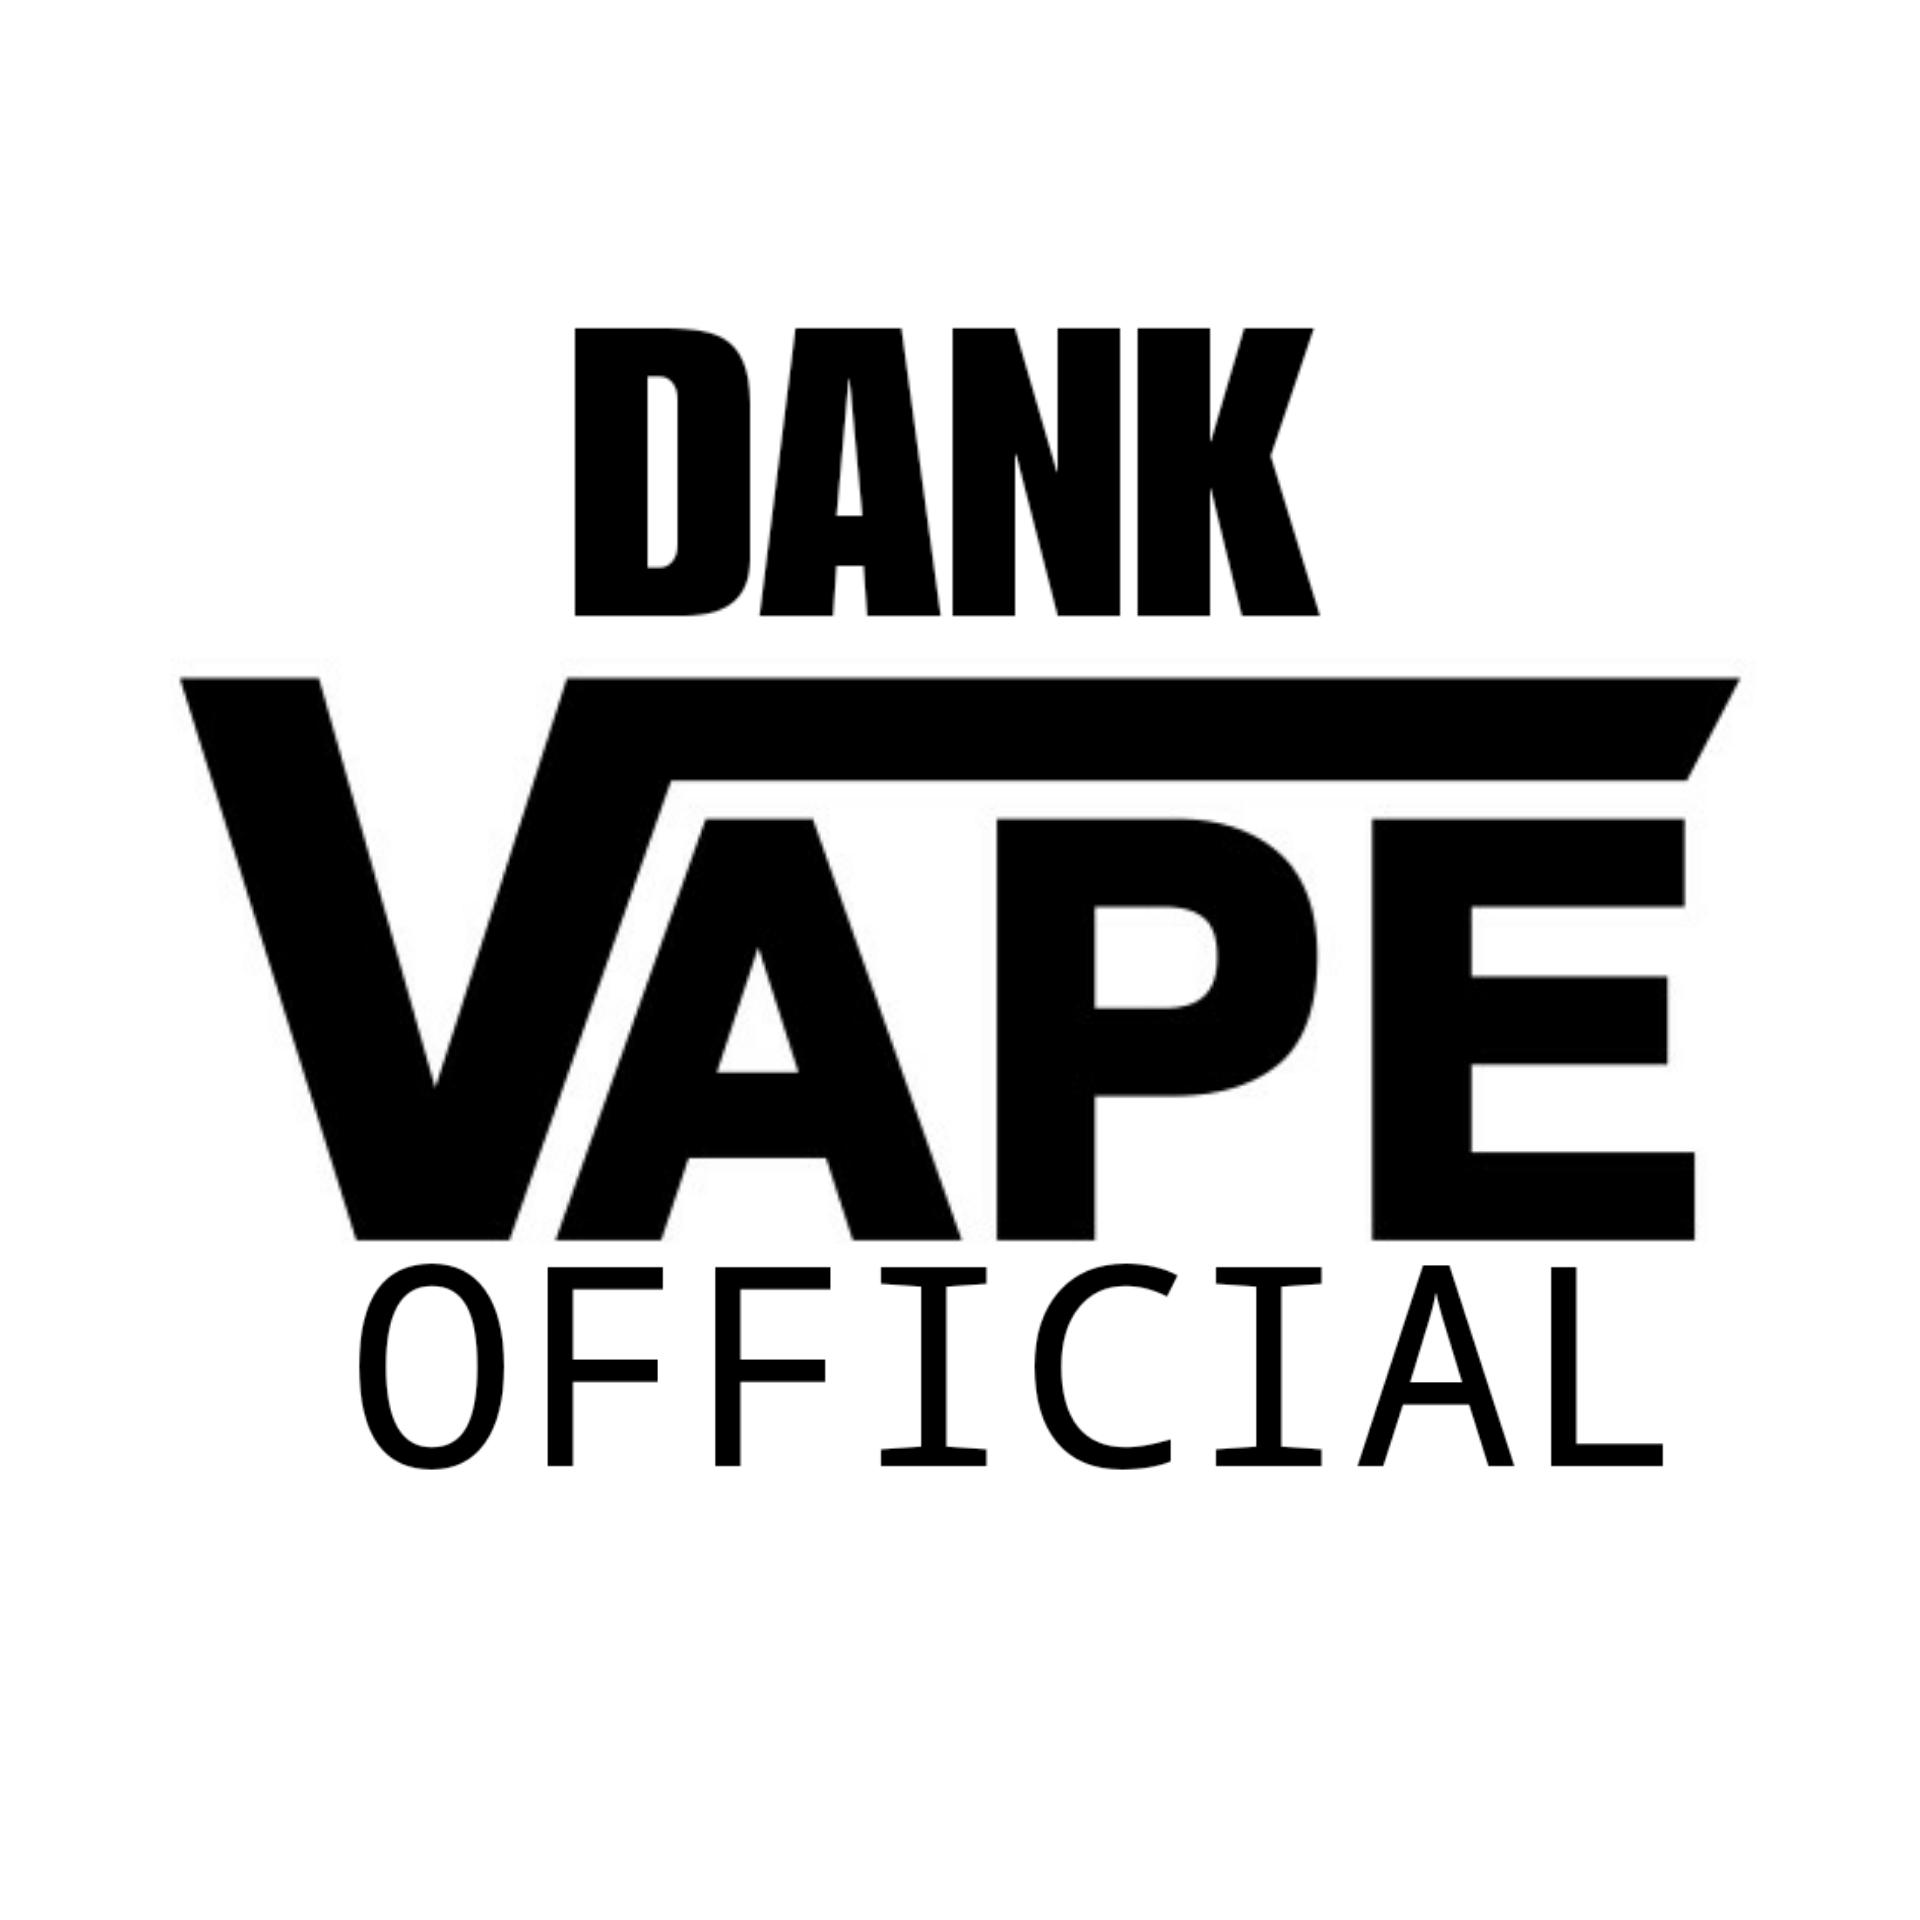 Dank Vapes Official